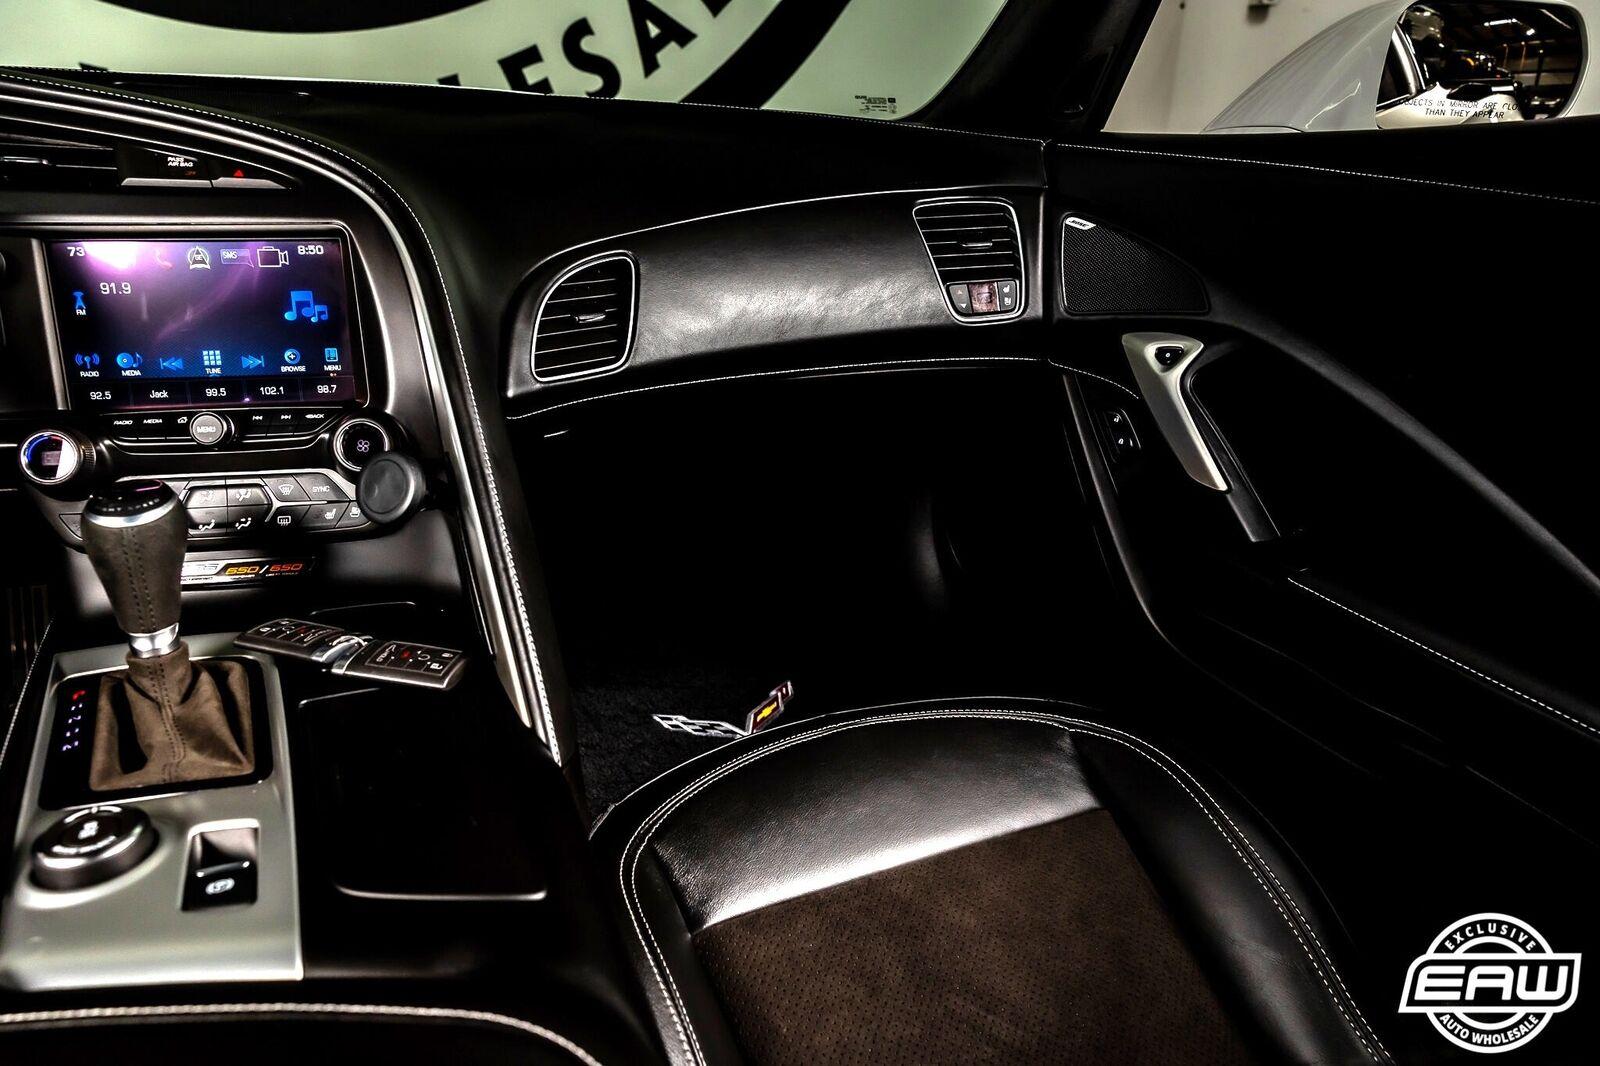 2016 White Chevrolet Corvette Z06 3LZ | C7 Corvette Photo 8